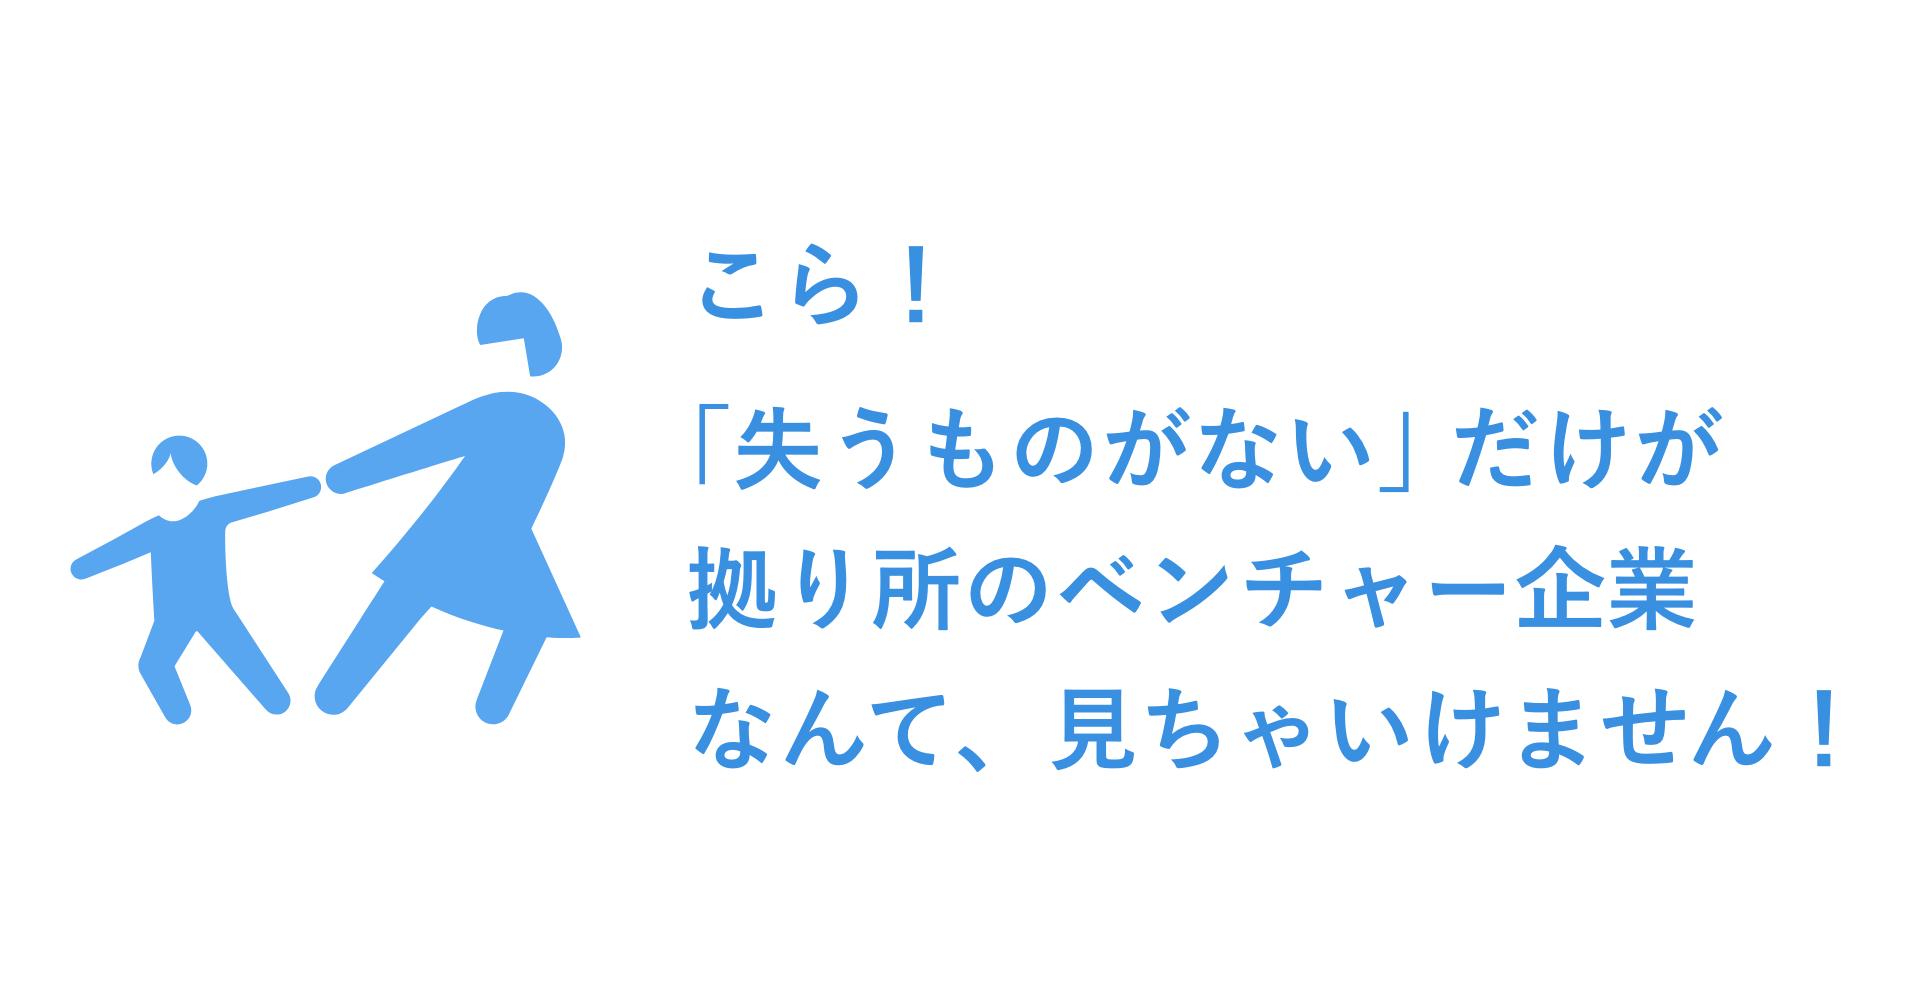 広告費0円ベンチャーの習慣化アプリ、口コミで広まり100万ダウンロード突破